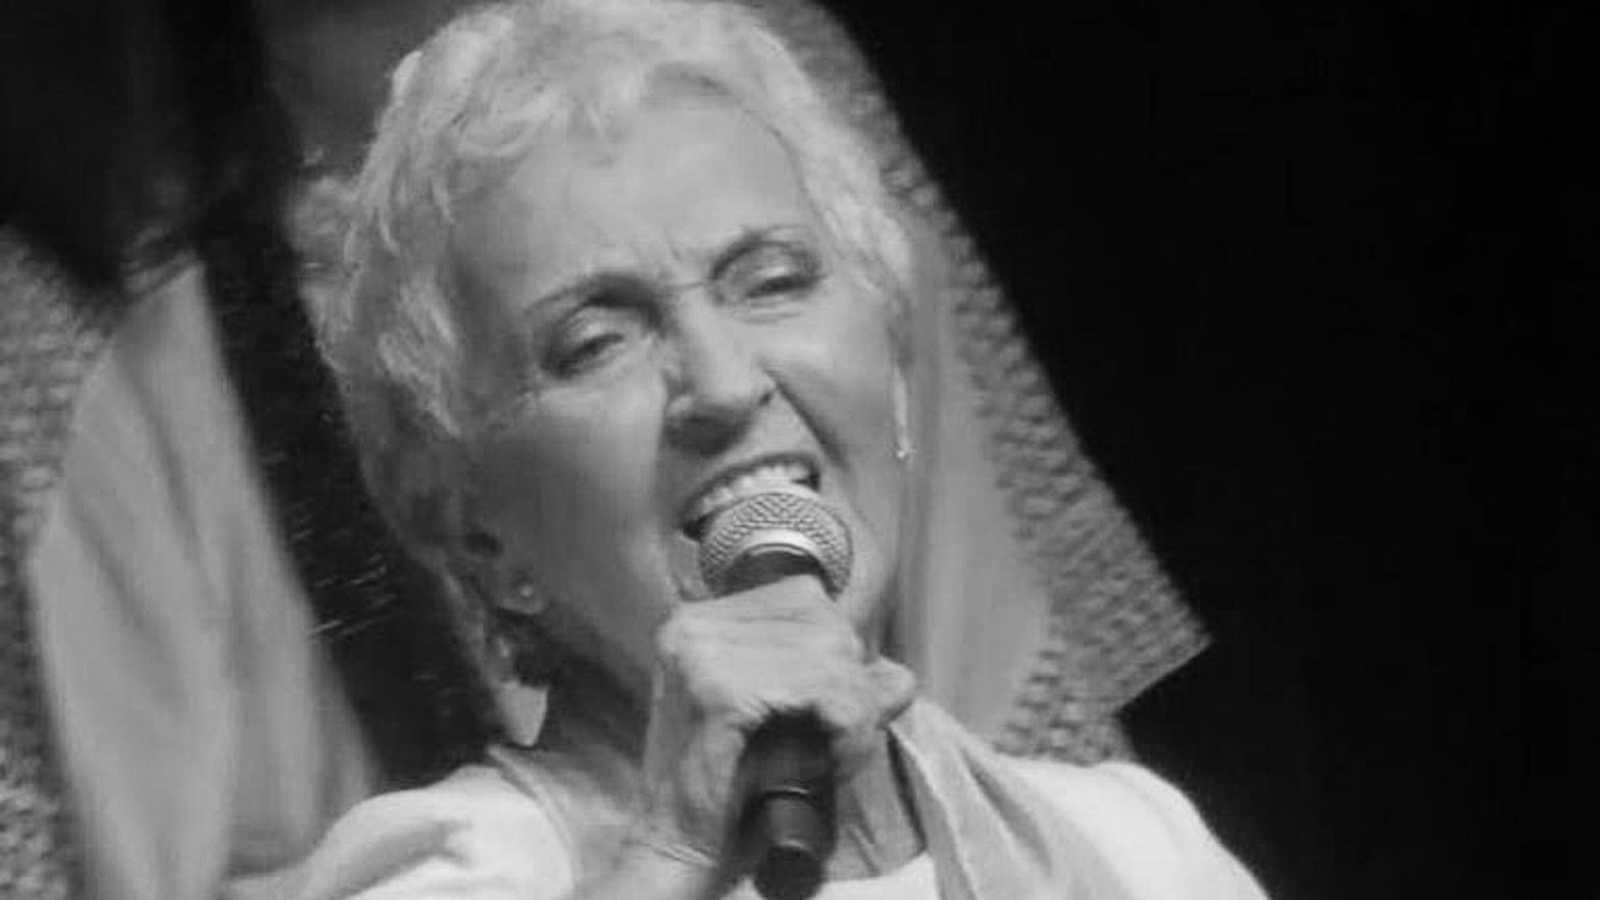 Emisión en sefardí - Homenaje despedida a Dina Roth, gran difusora de la cultura y kantes sefardíes - 01/11/20 - escuchar ahora